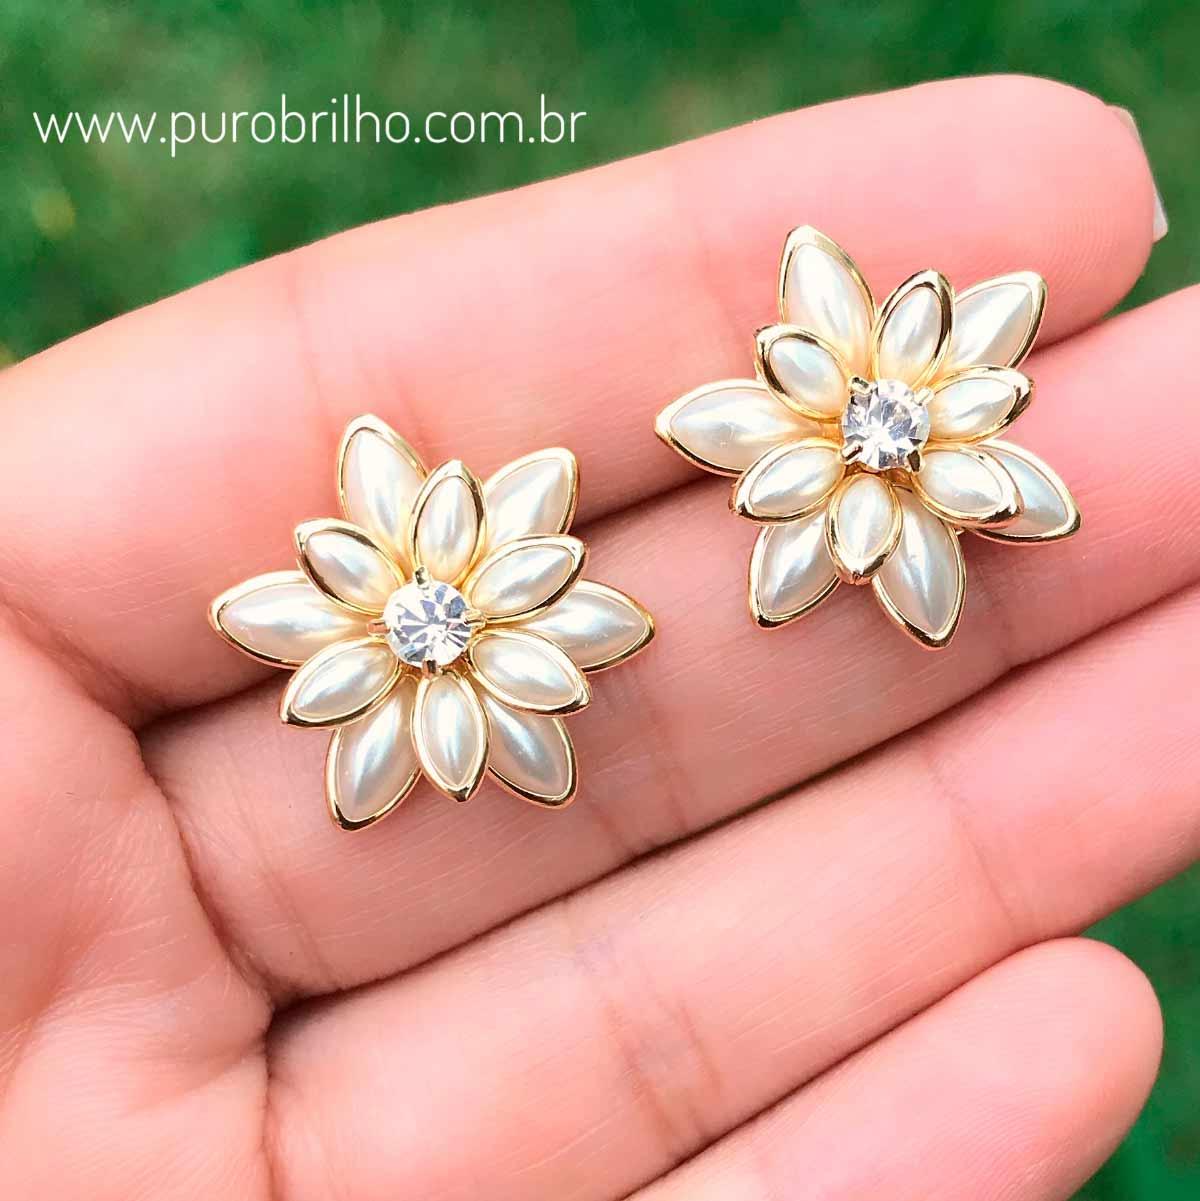 Brinco Semijoia Flor 3D com Pétalas Peroladas e Ponto de Luz Cristal Branco Folheado a Ouro 18K